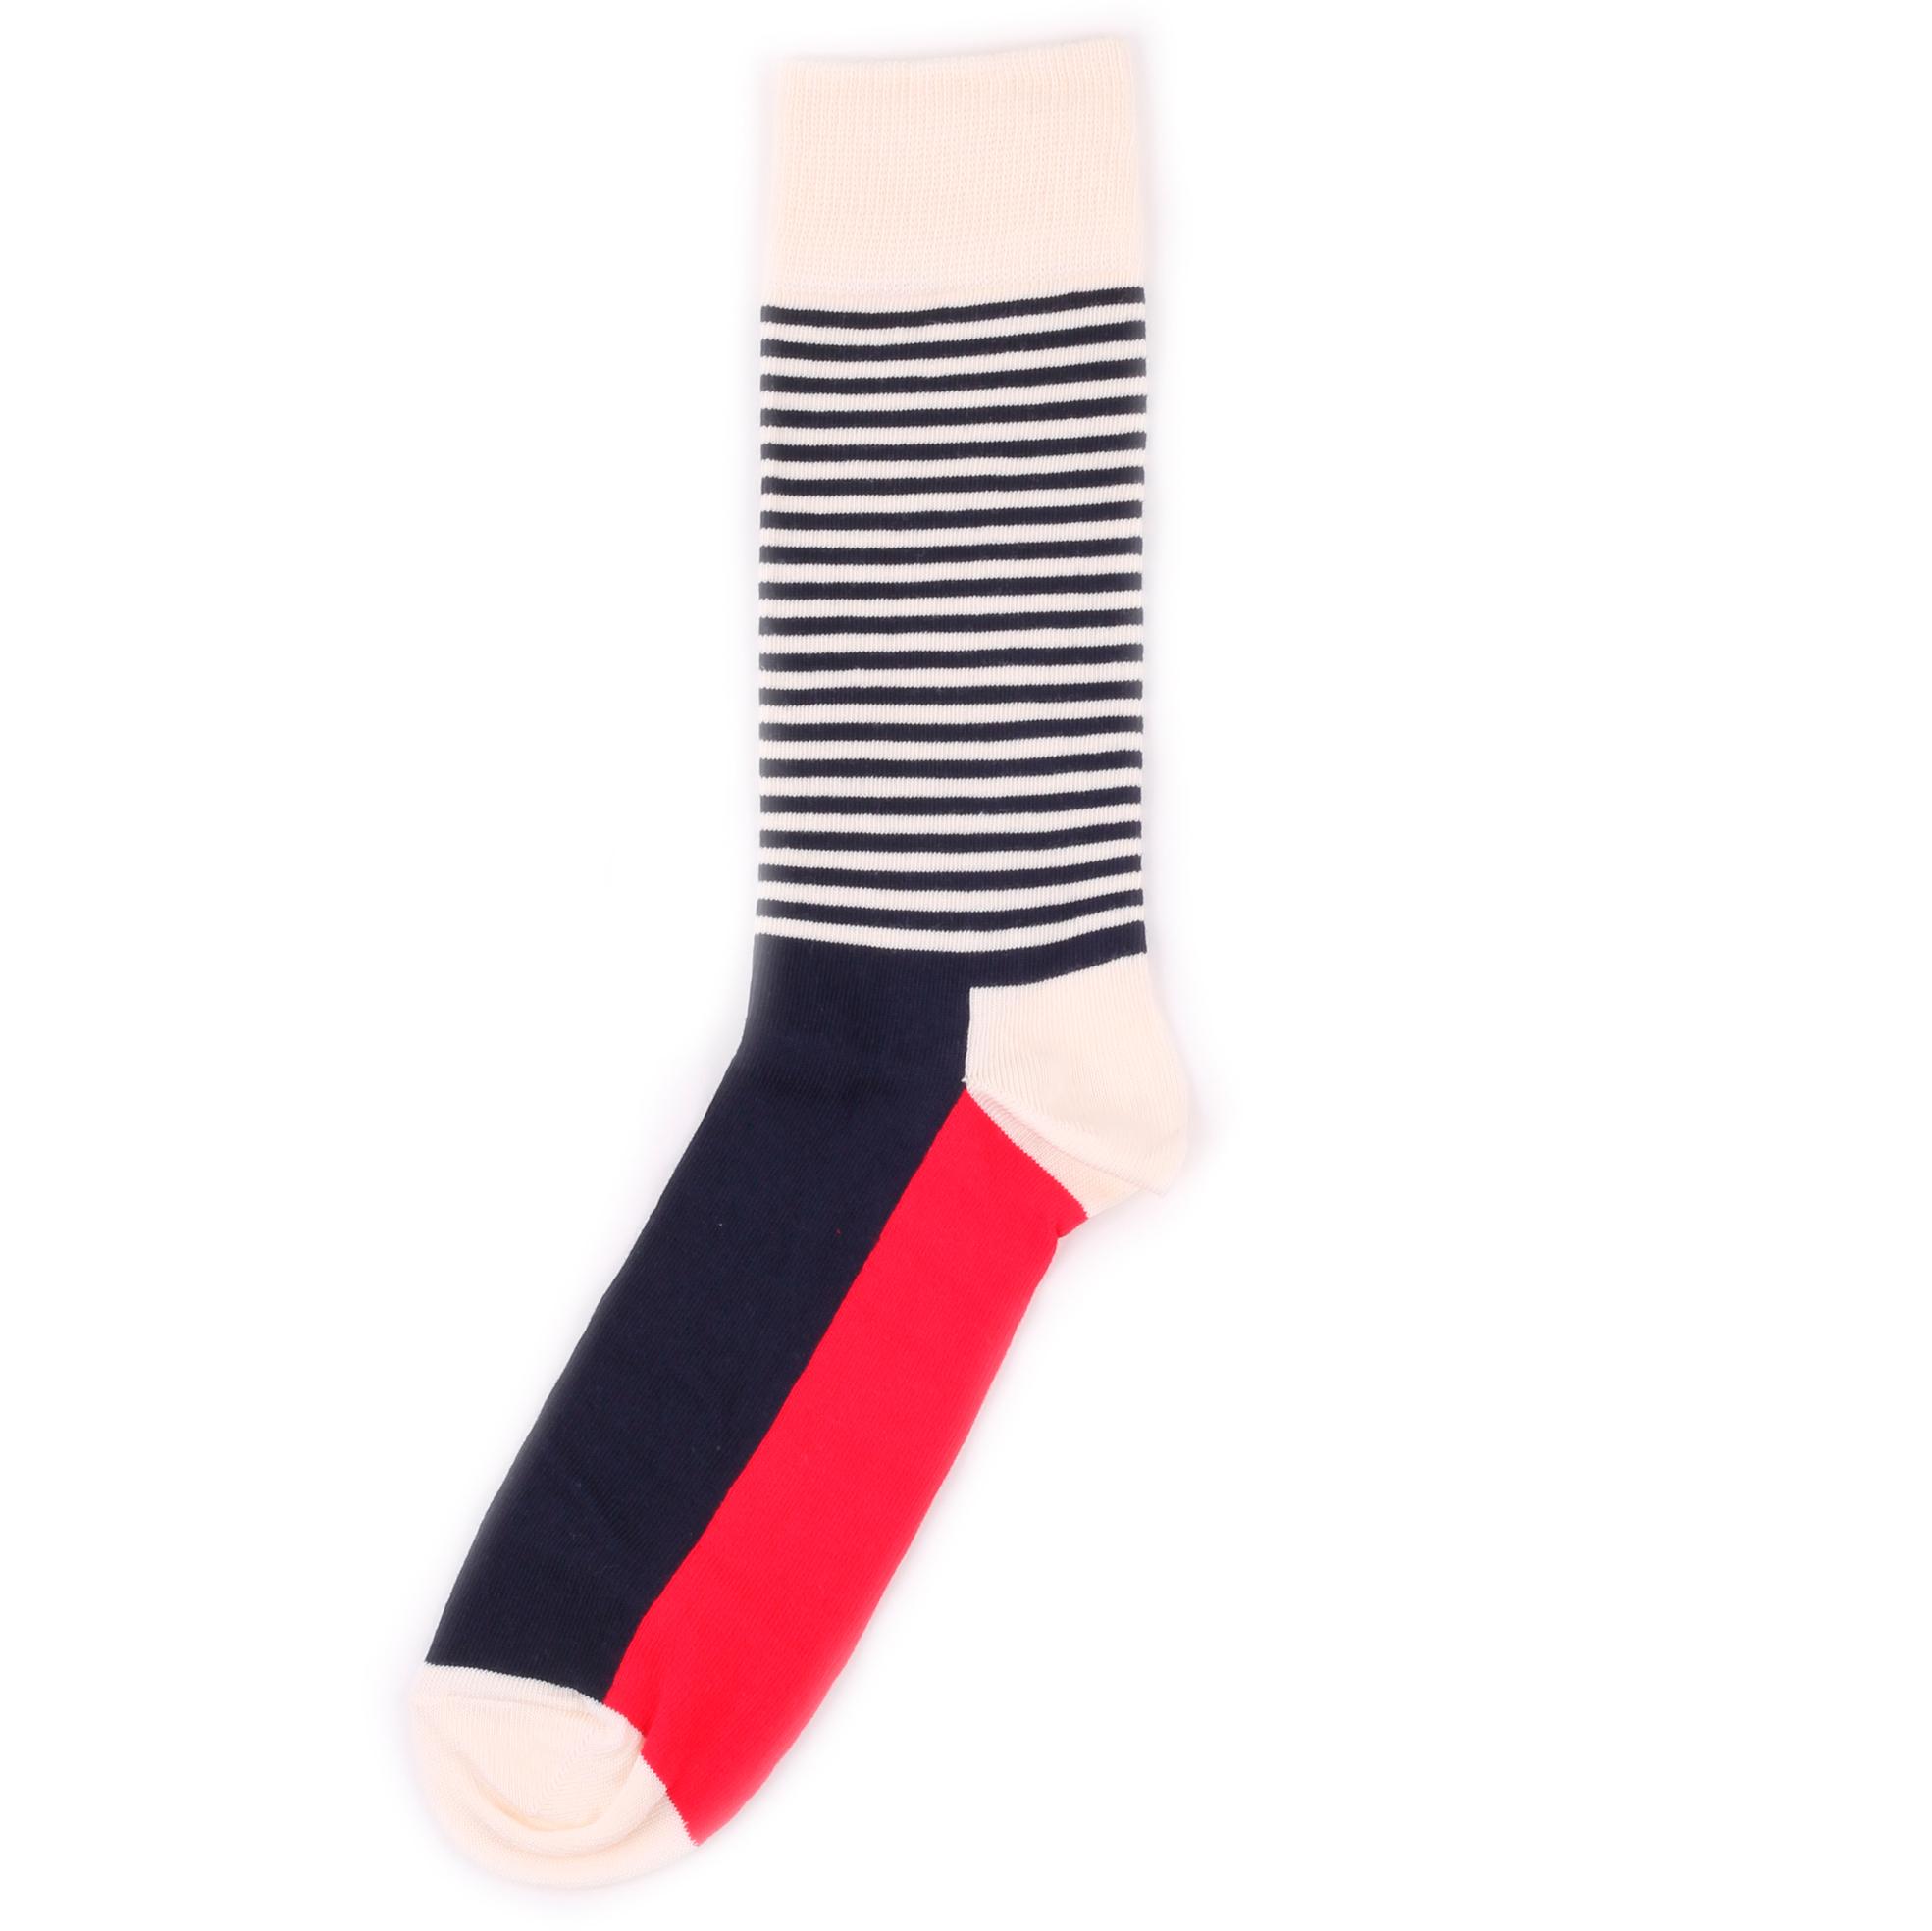 Носки унисекс Happy Socks Happy Socks Half Stripe - Red/White разноцветные 36-40